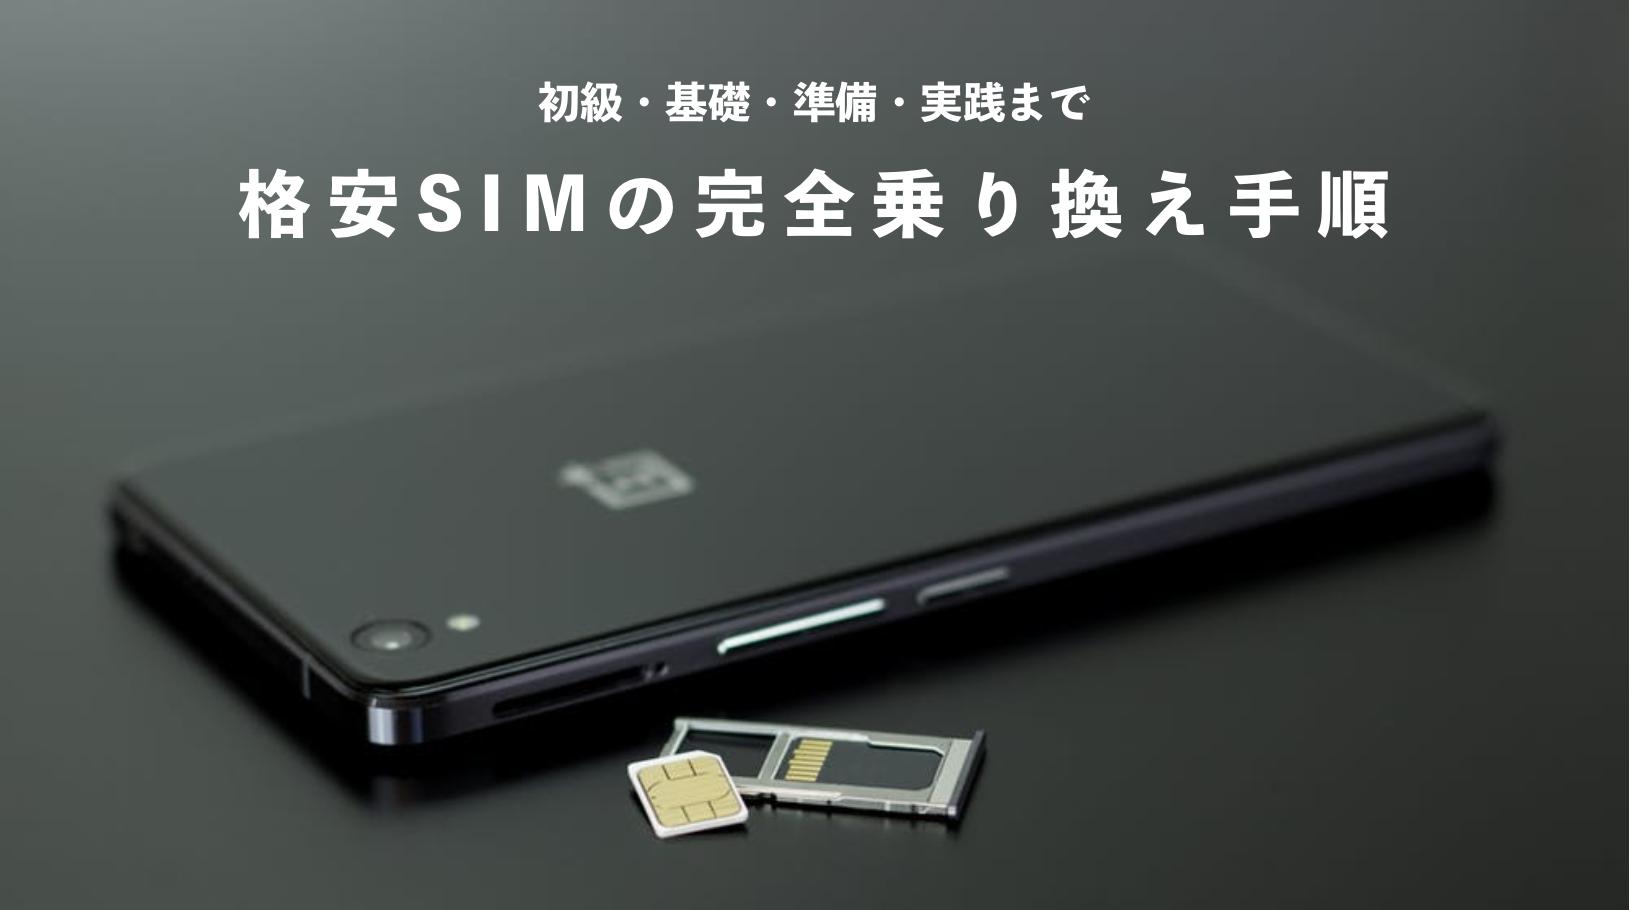 初級・基礎・準備・実践まで 格安SIMの完全乗り換え手順